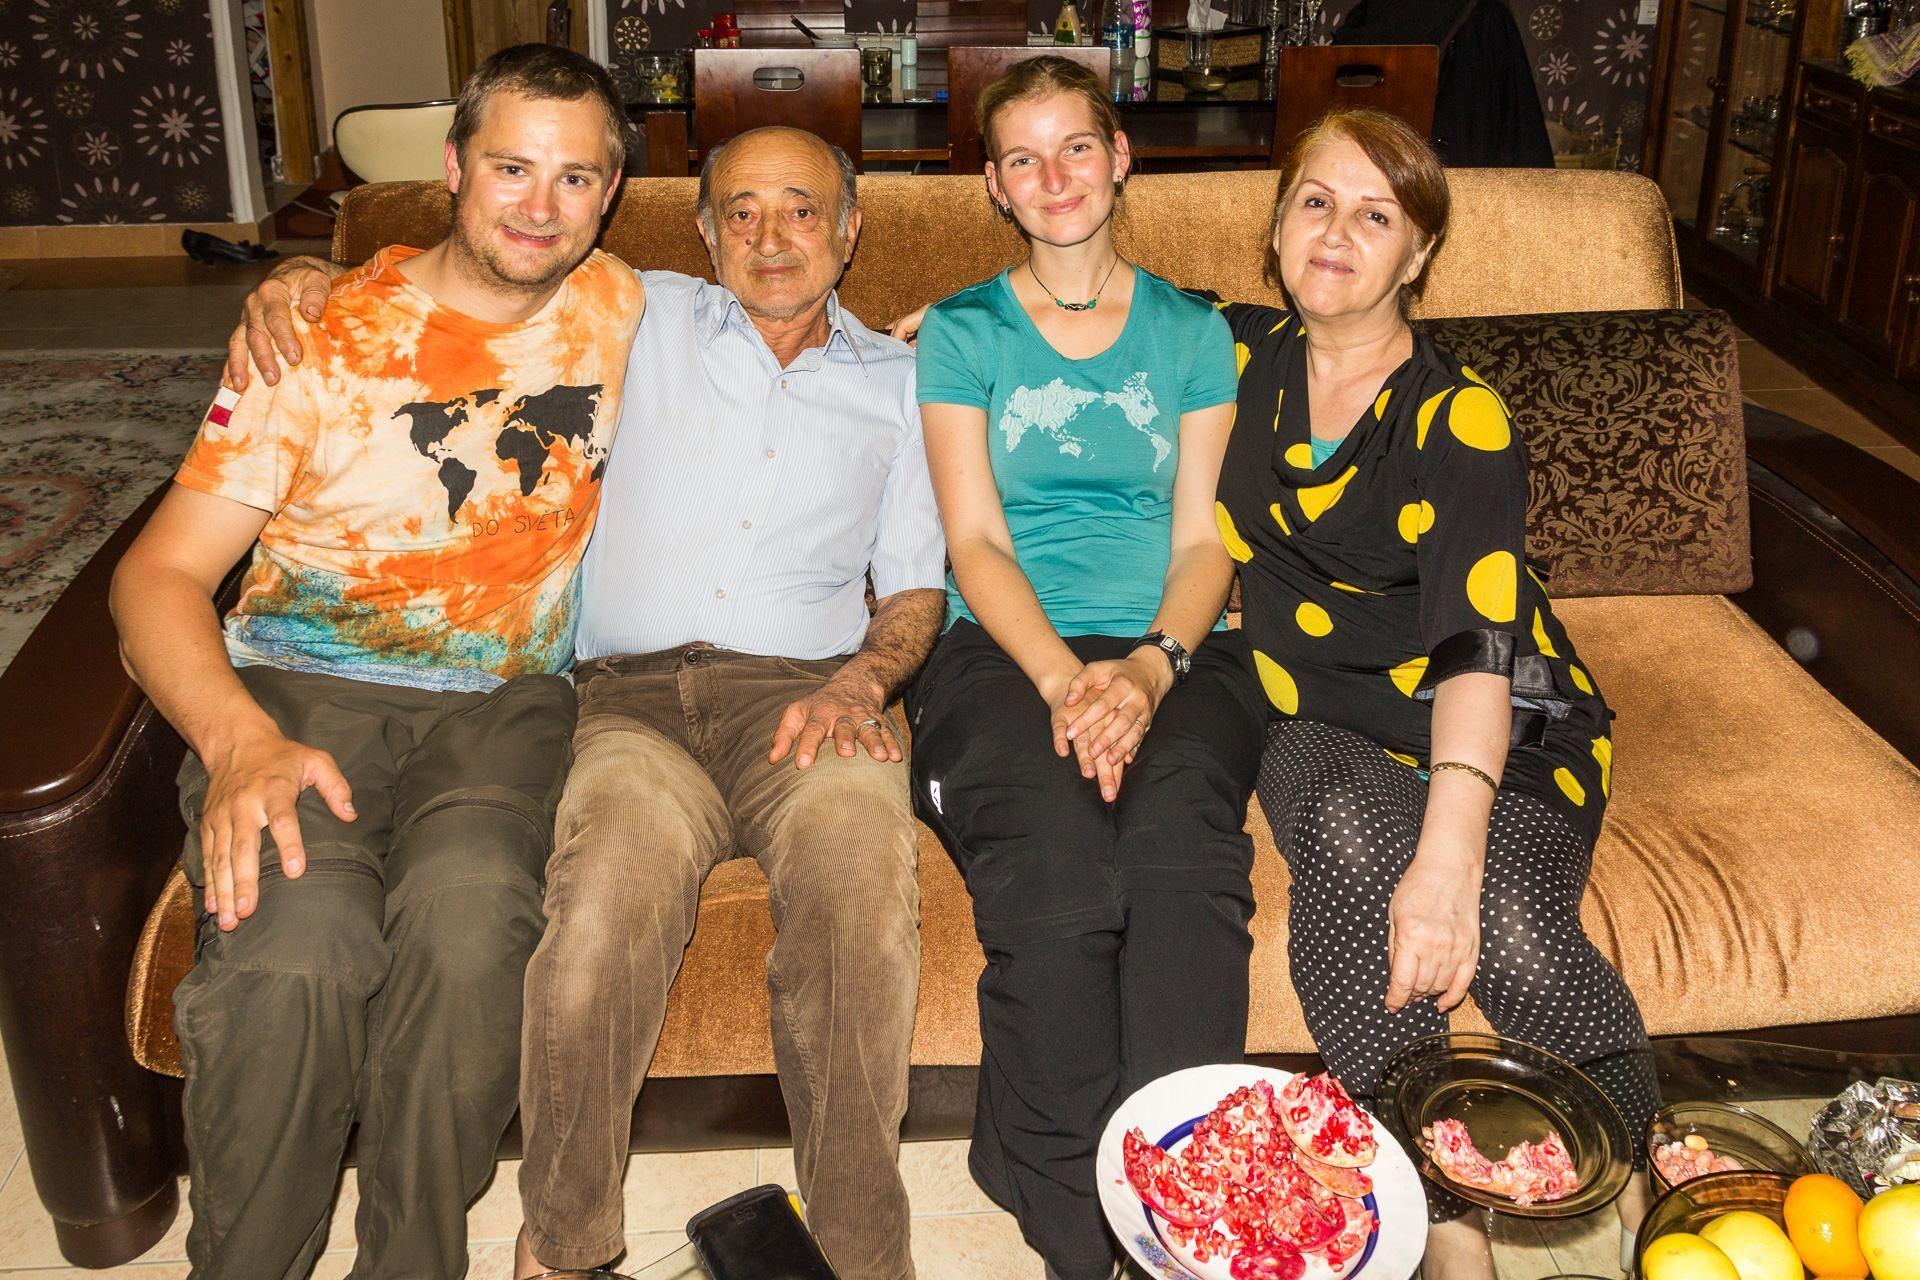 Naši zlatí adoptivní rodiče z Lahijanu a zpropadené granátové jablko